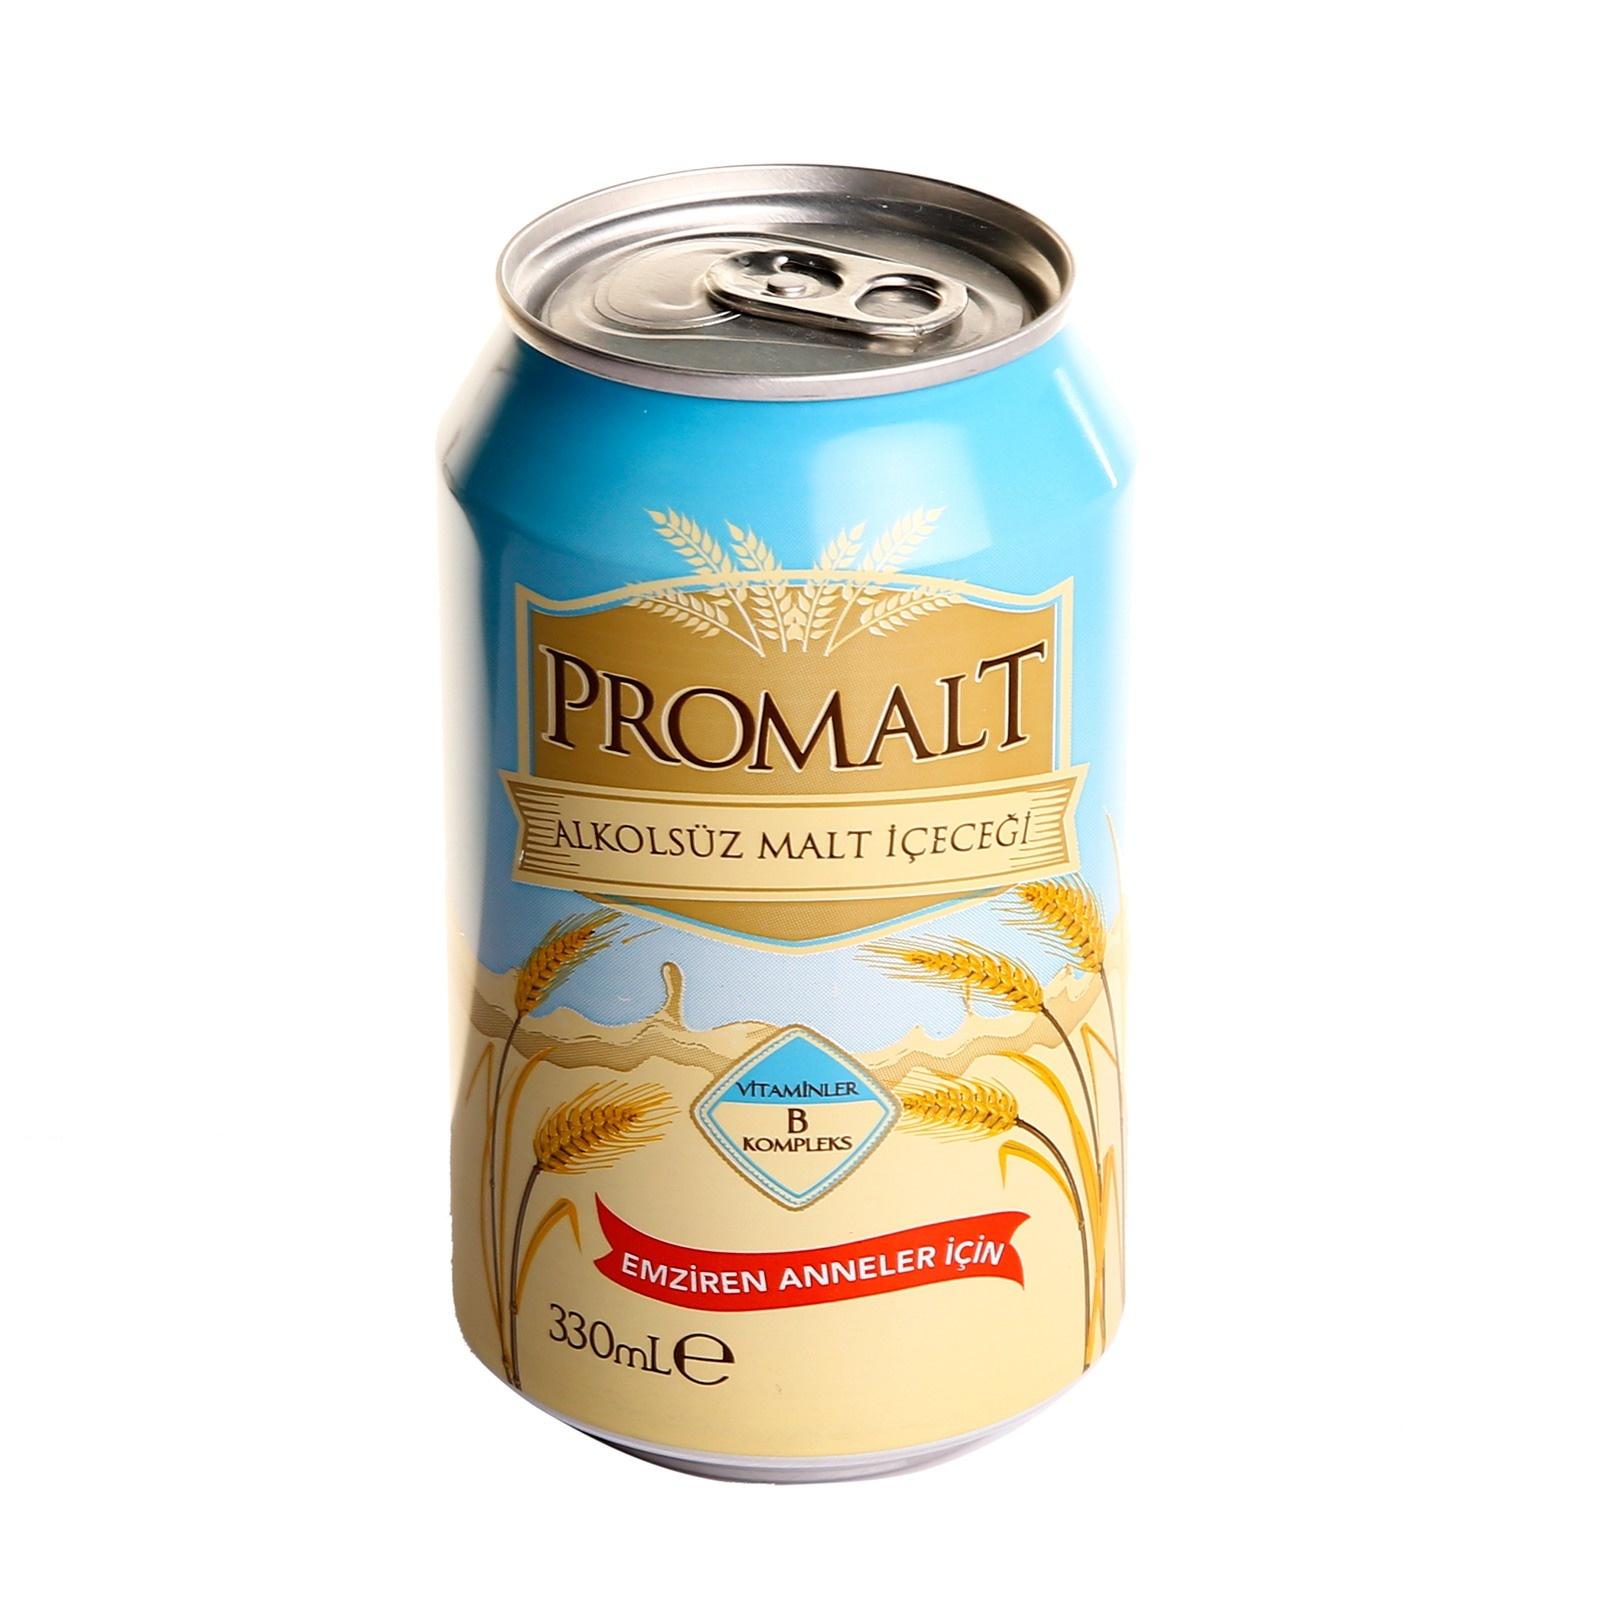 Promalt Alkolsüz Malt İçeceği Ürün Resmi